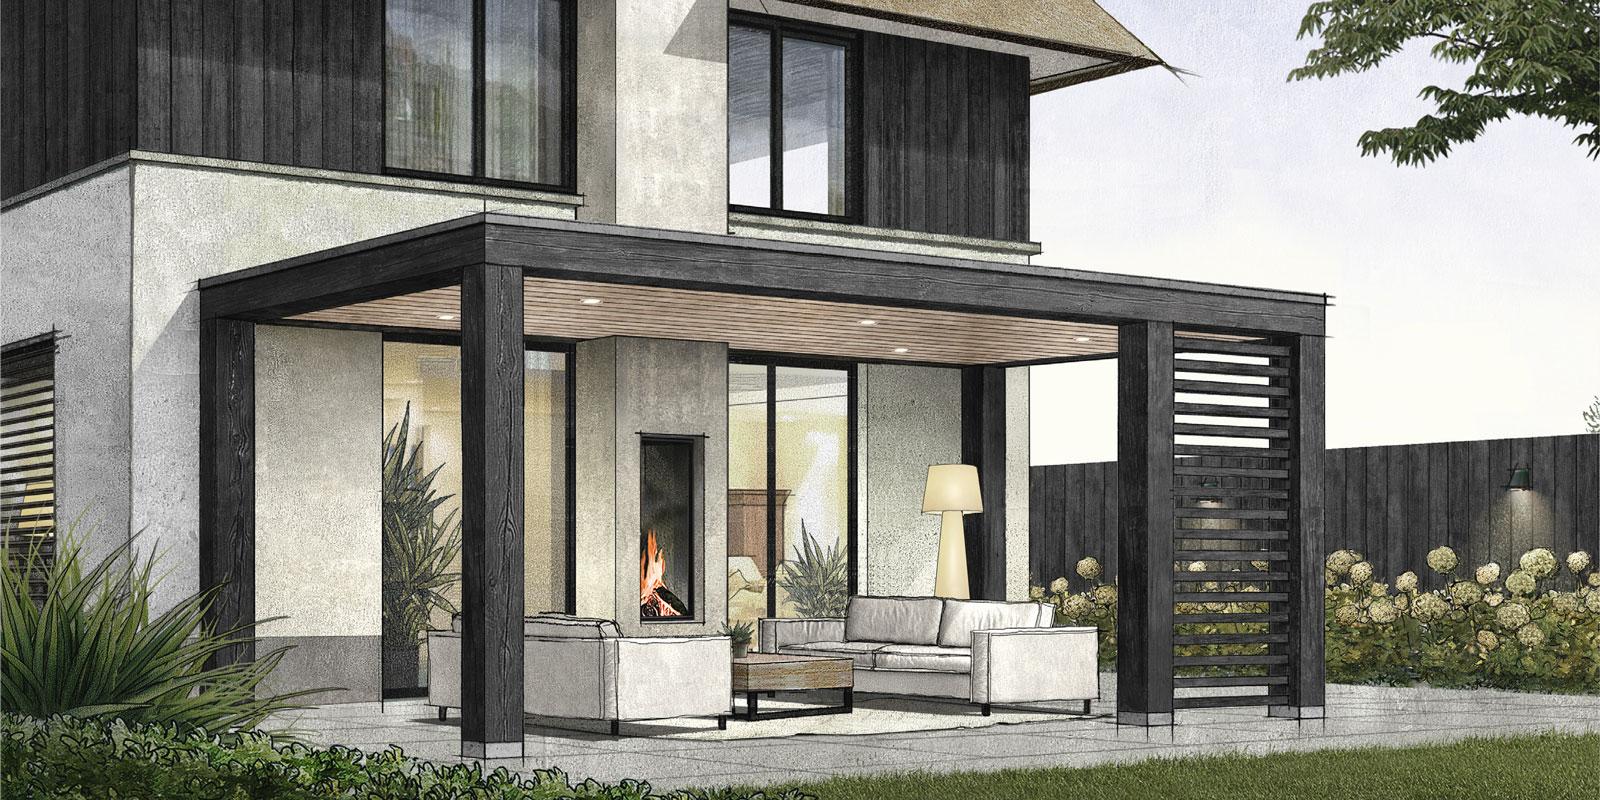 Bronkhorst Buitenleven, exclusieve buitenverblijven, tuin, vakspecialisten, berging, poolhouse, veranda